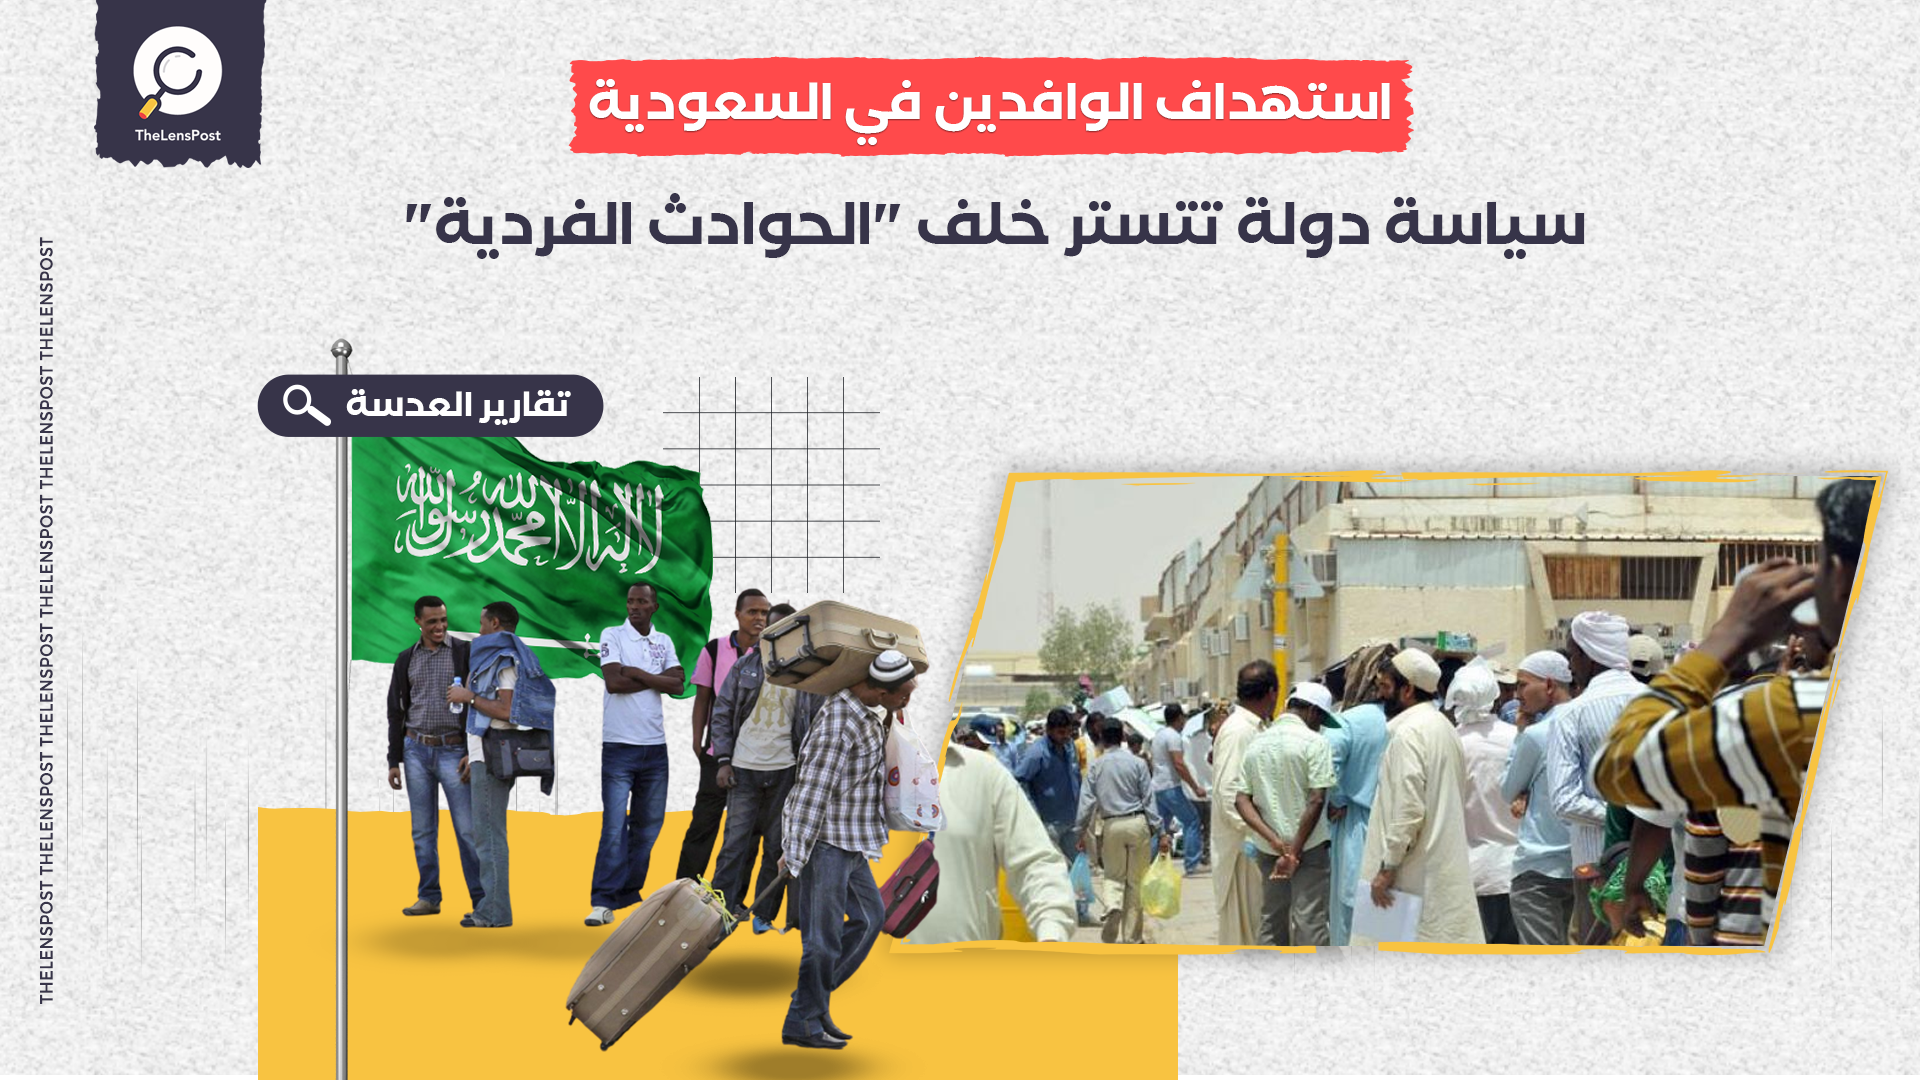 """استهداف الوافدين في السعودية.. سياسة دولة تتستر خلف """"الحوادث الفردية"""""""